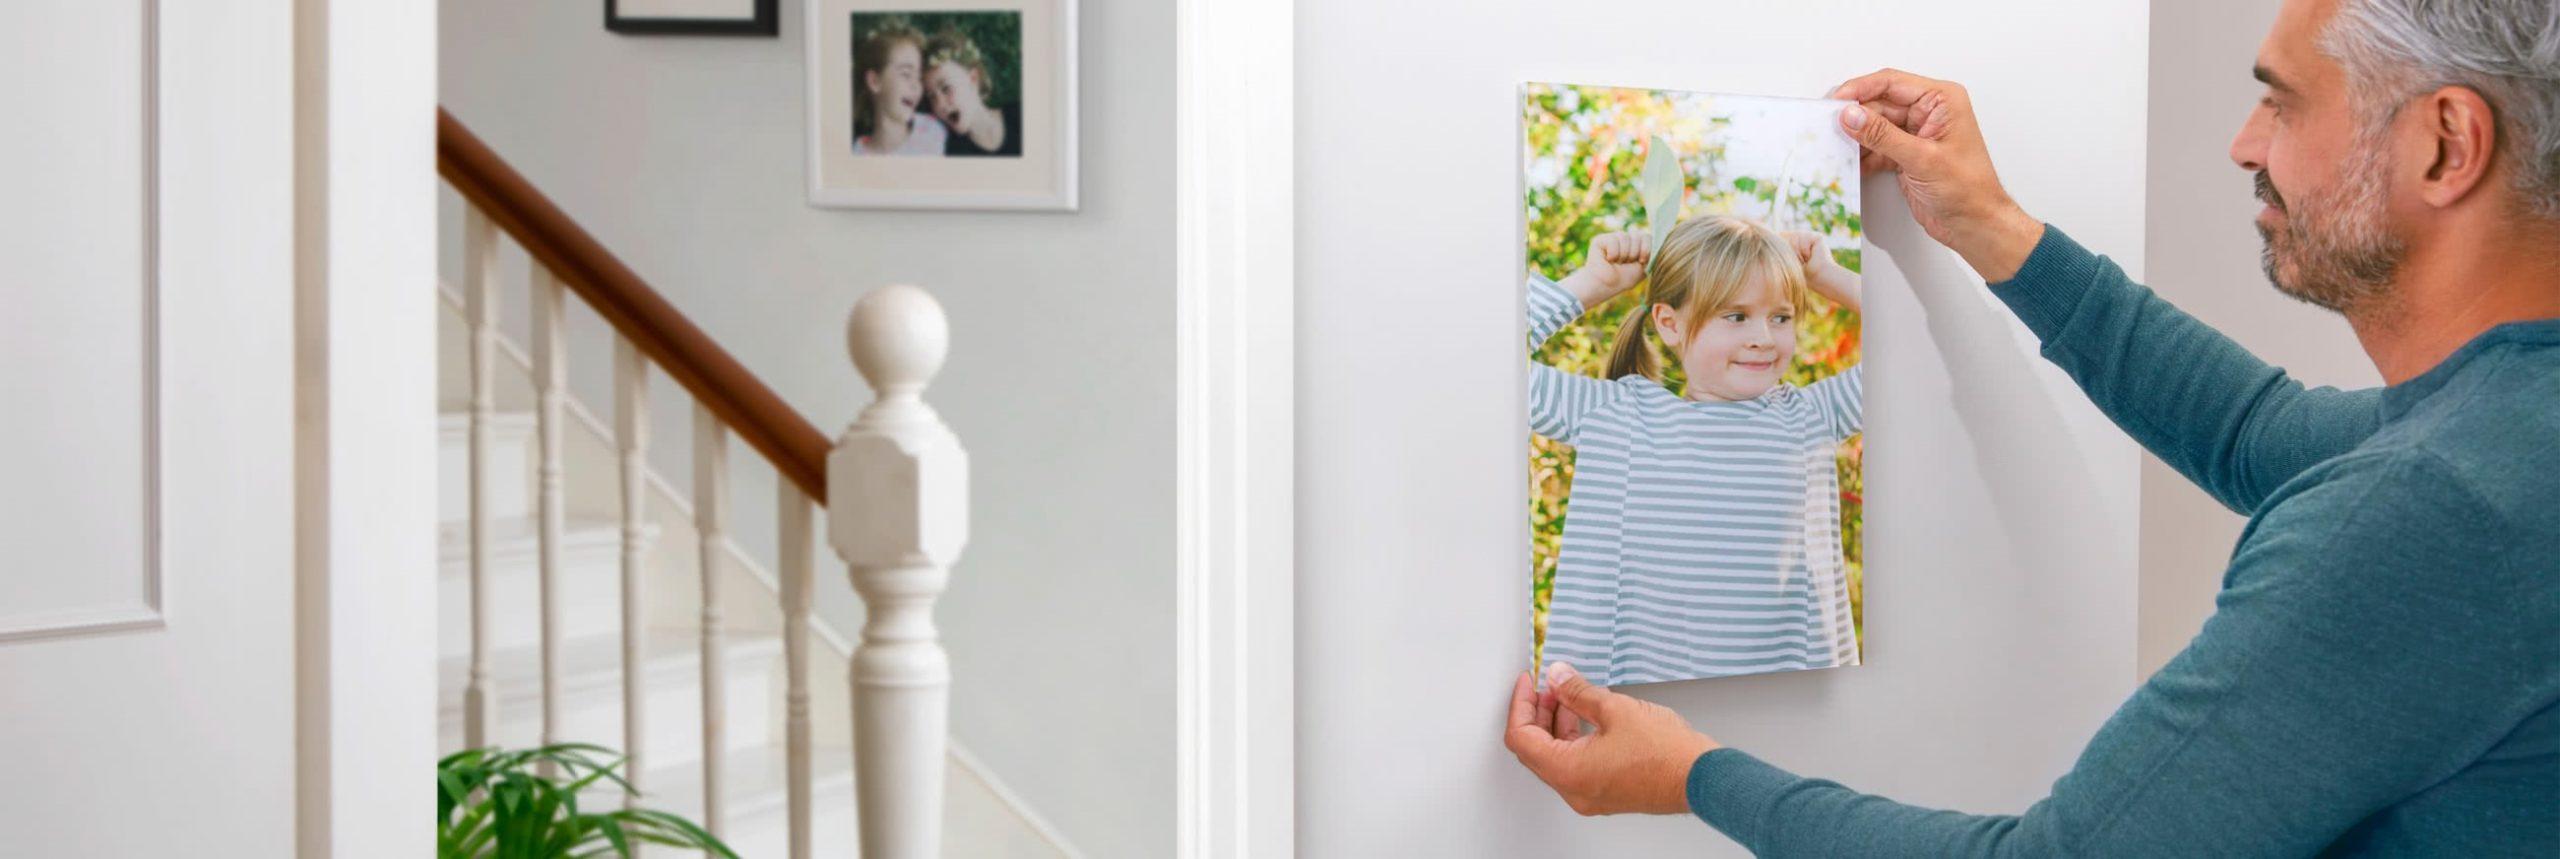 Réservez les photos les plus précieuses à imprimer sur acrylique.